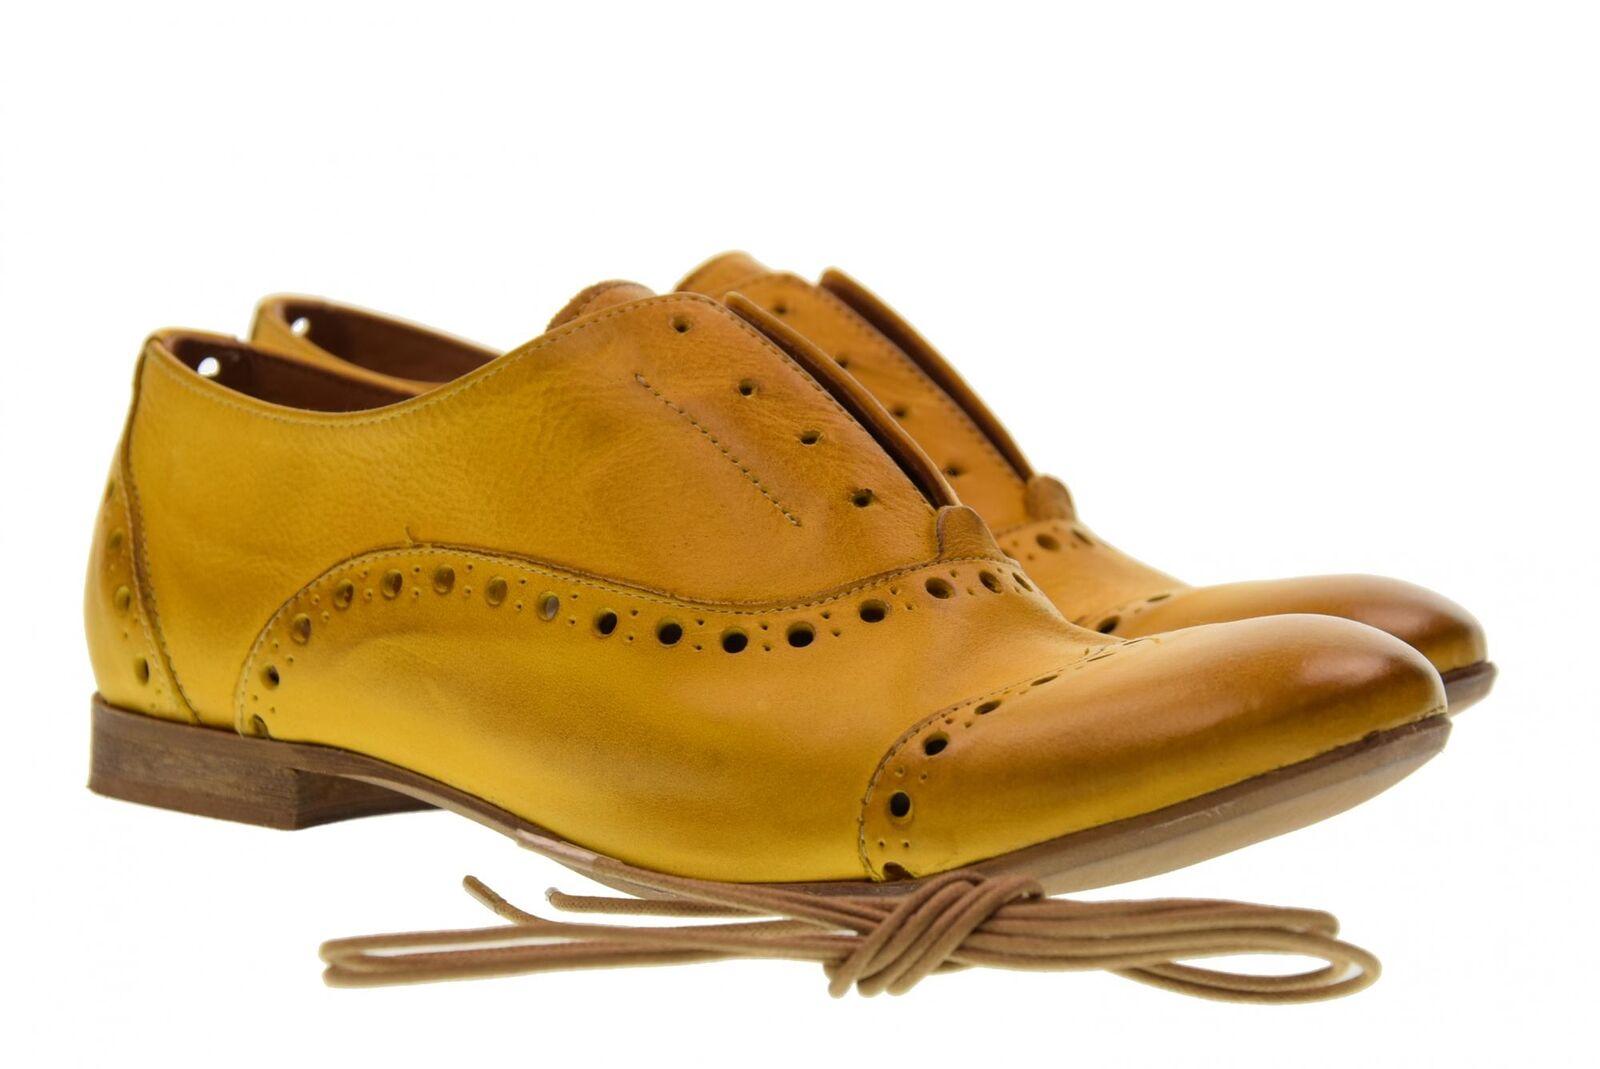 Erman's zapatos clásicos clásicos zapatos 210FOR AMARILLO P18s 8c33b0